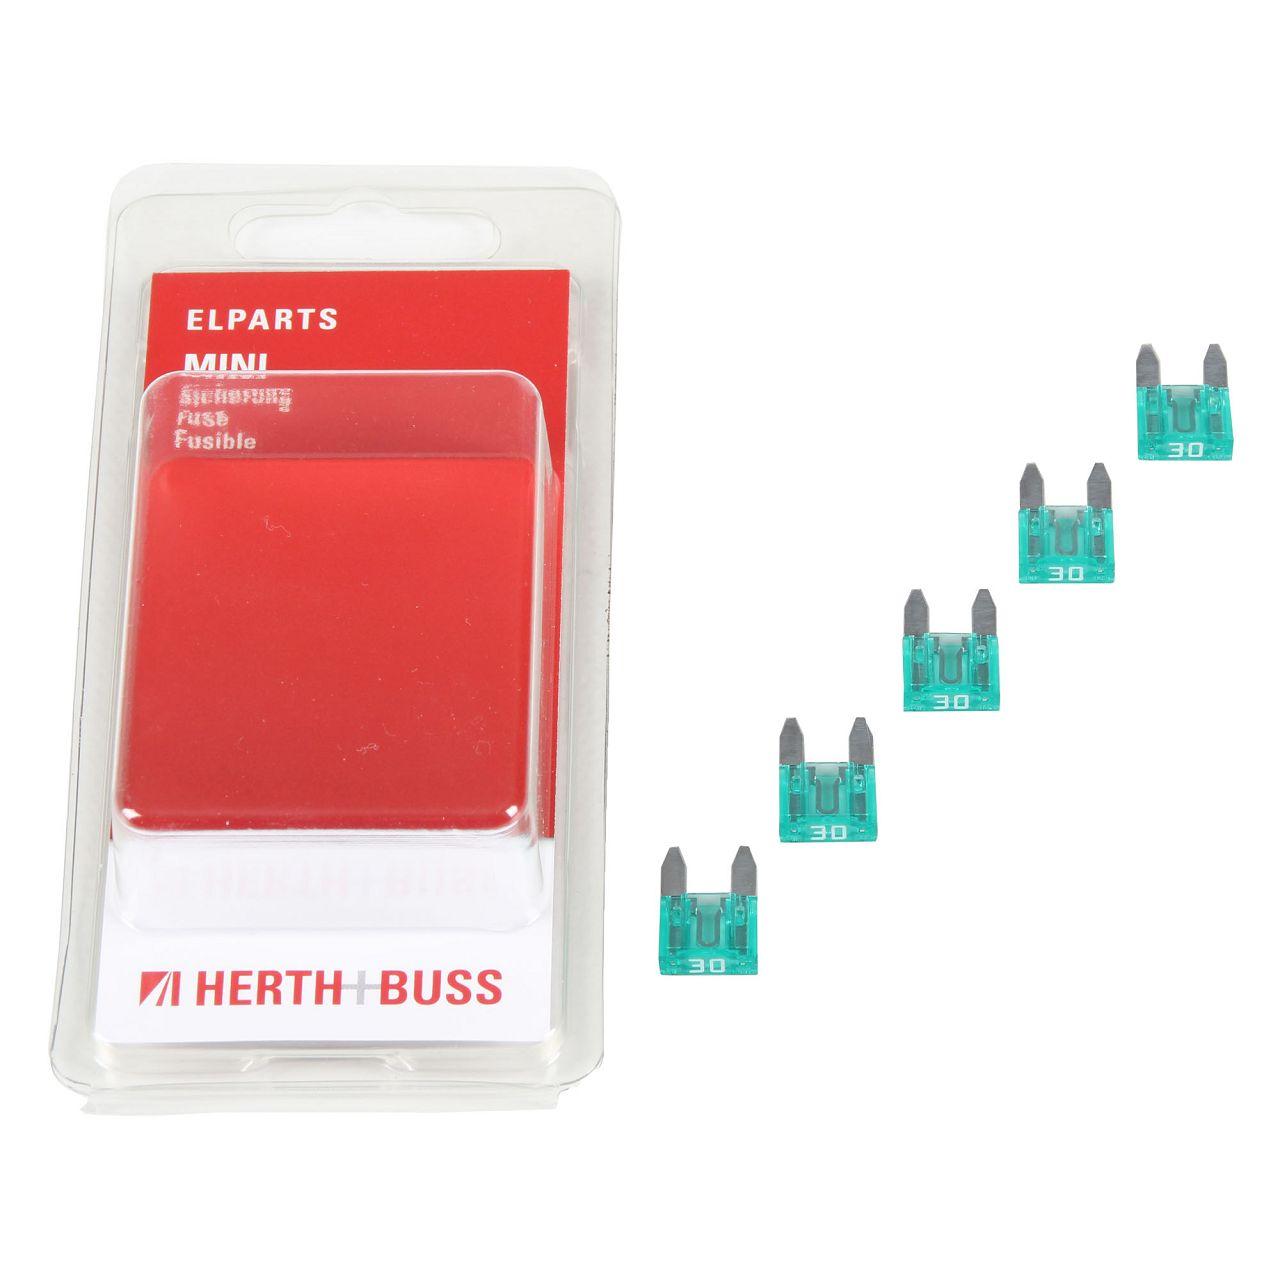 5x HERTH+BUSS Auto KFZ Sicherung Stecksicherung Flachsicherung GRÜN 30A für MINI